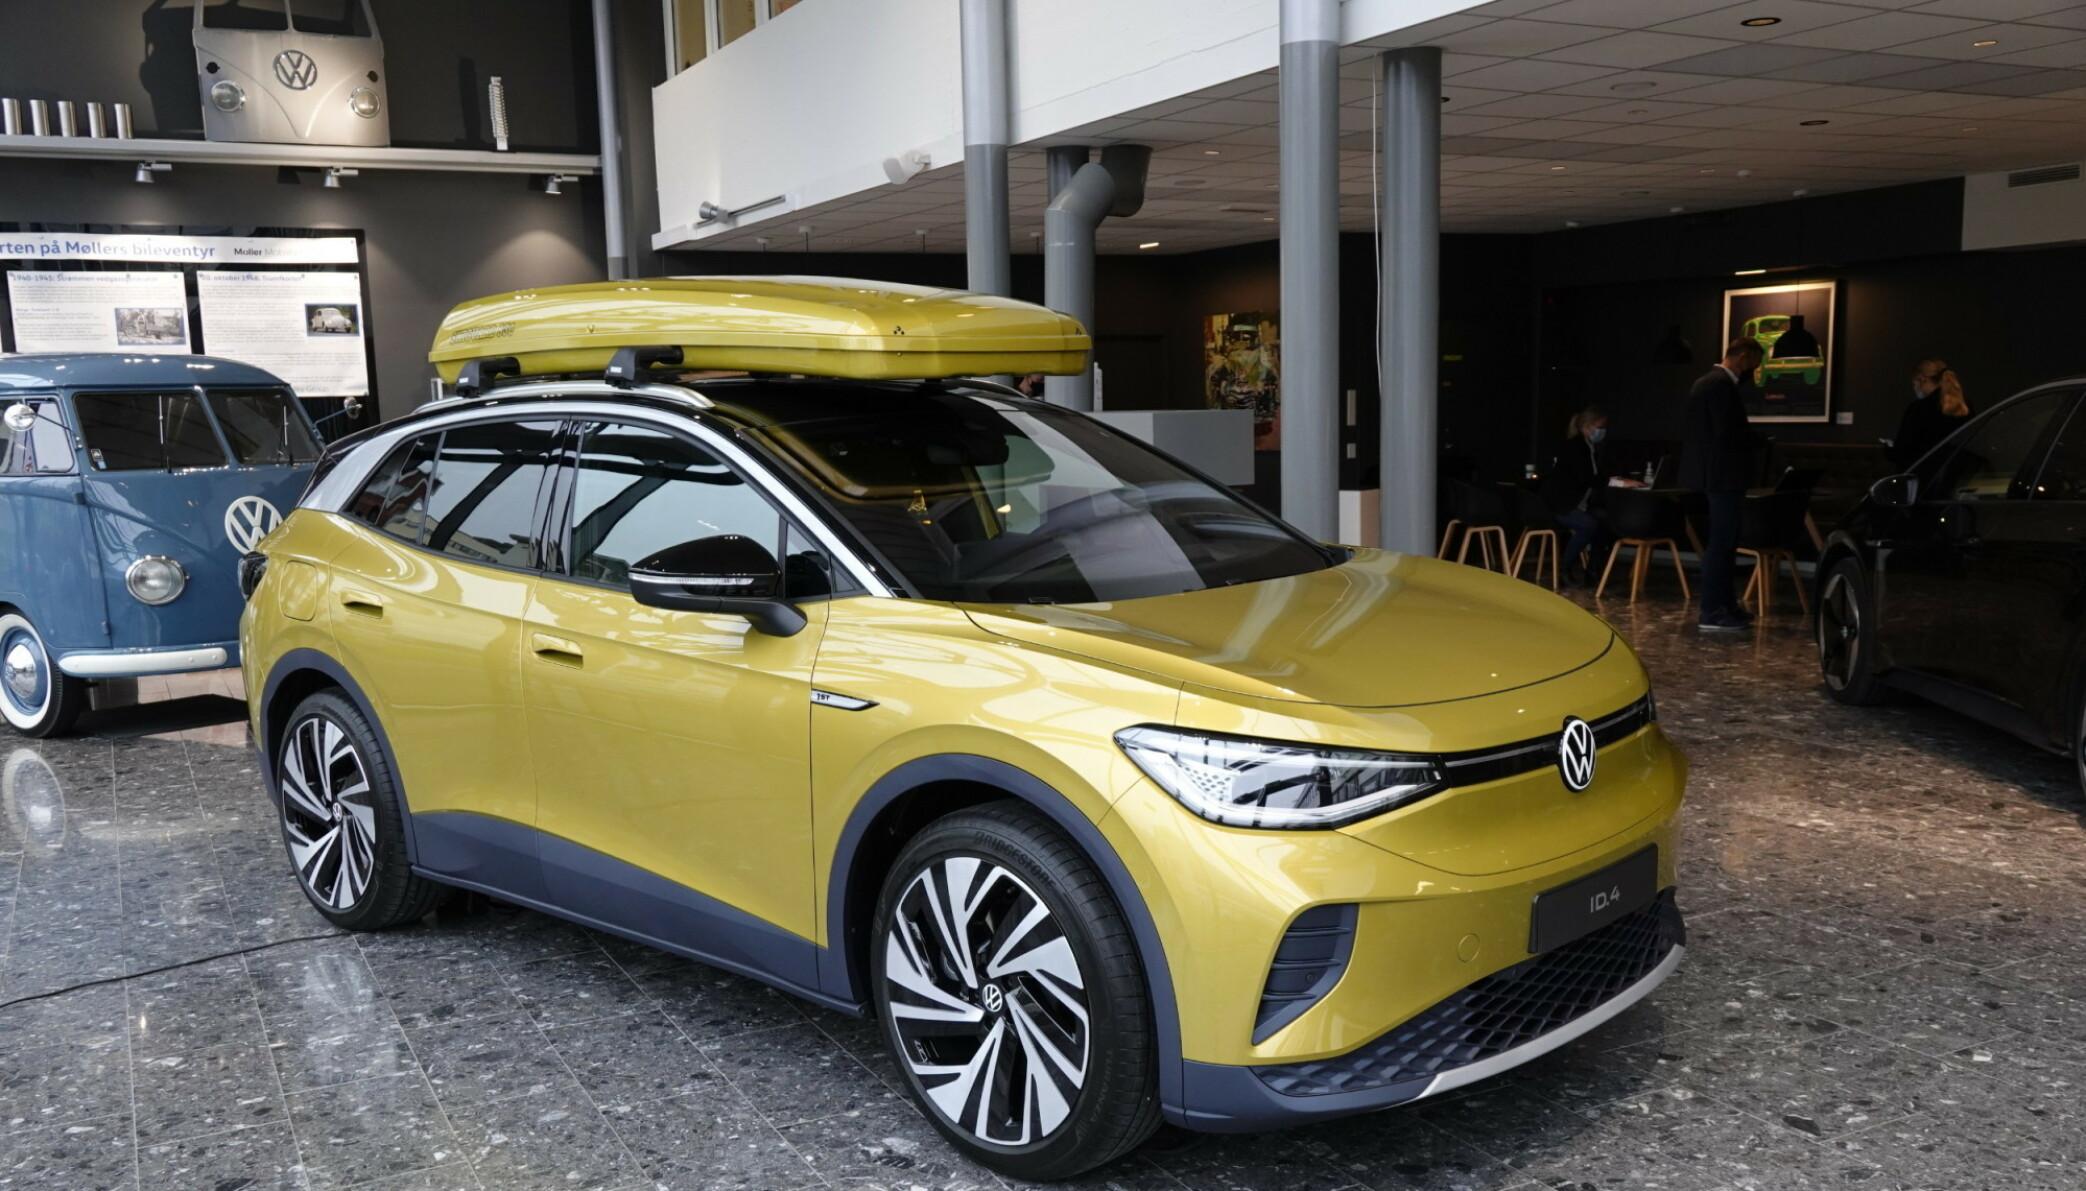 TAKLAST: Volkswagen ID.4 er en av elbilnyhetene som både får plass til mye bagasje, kan dra henger og ha taklast. Det er tre årsaker til at Volkswagen har store forventninger til den her i Norge. Foto: Fred Magne Skillebæk